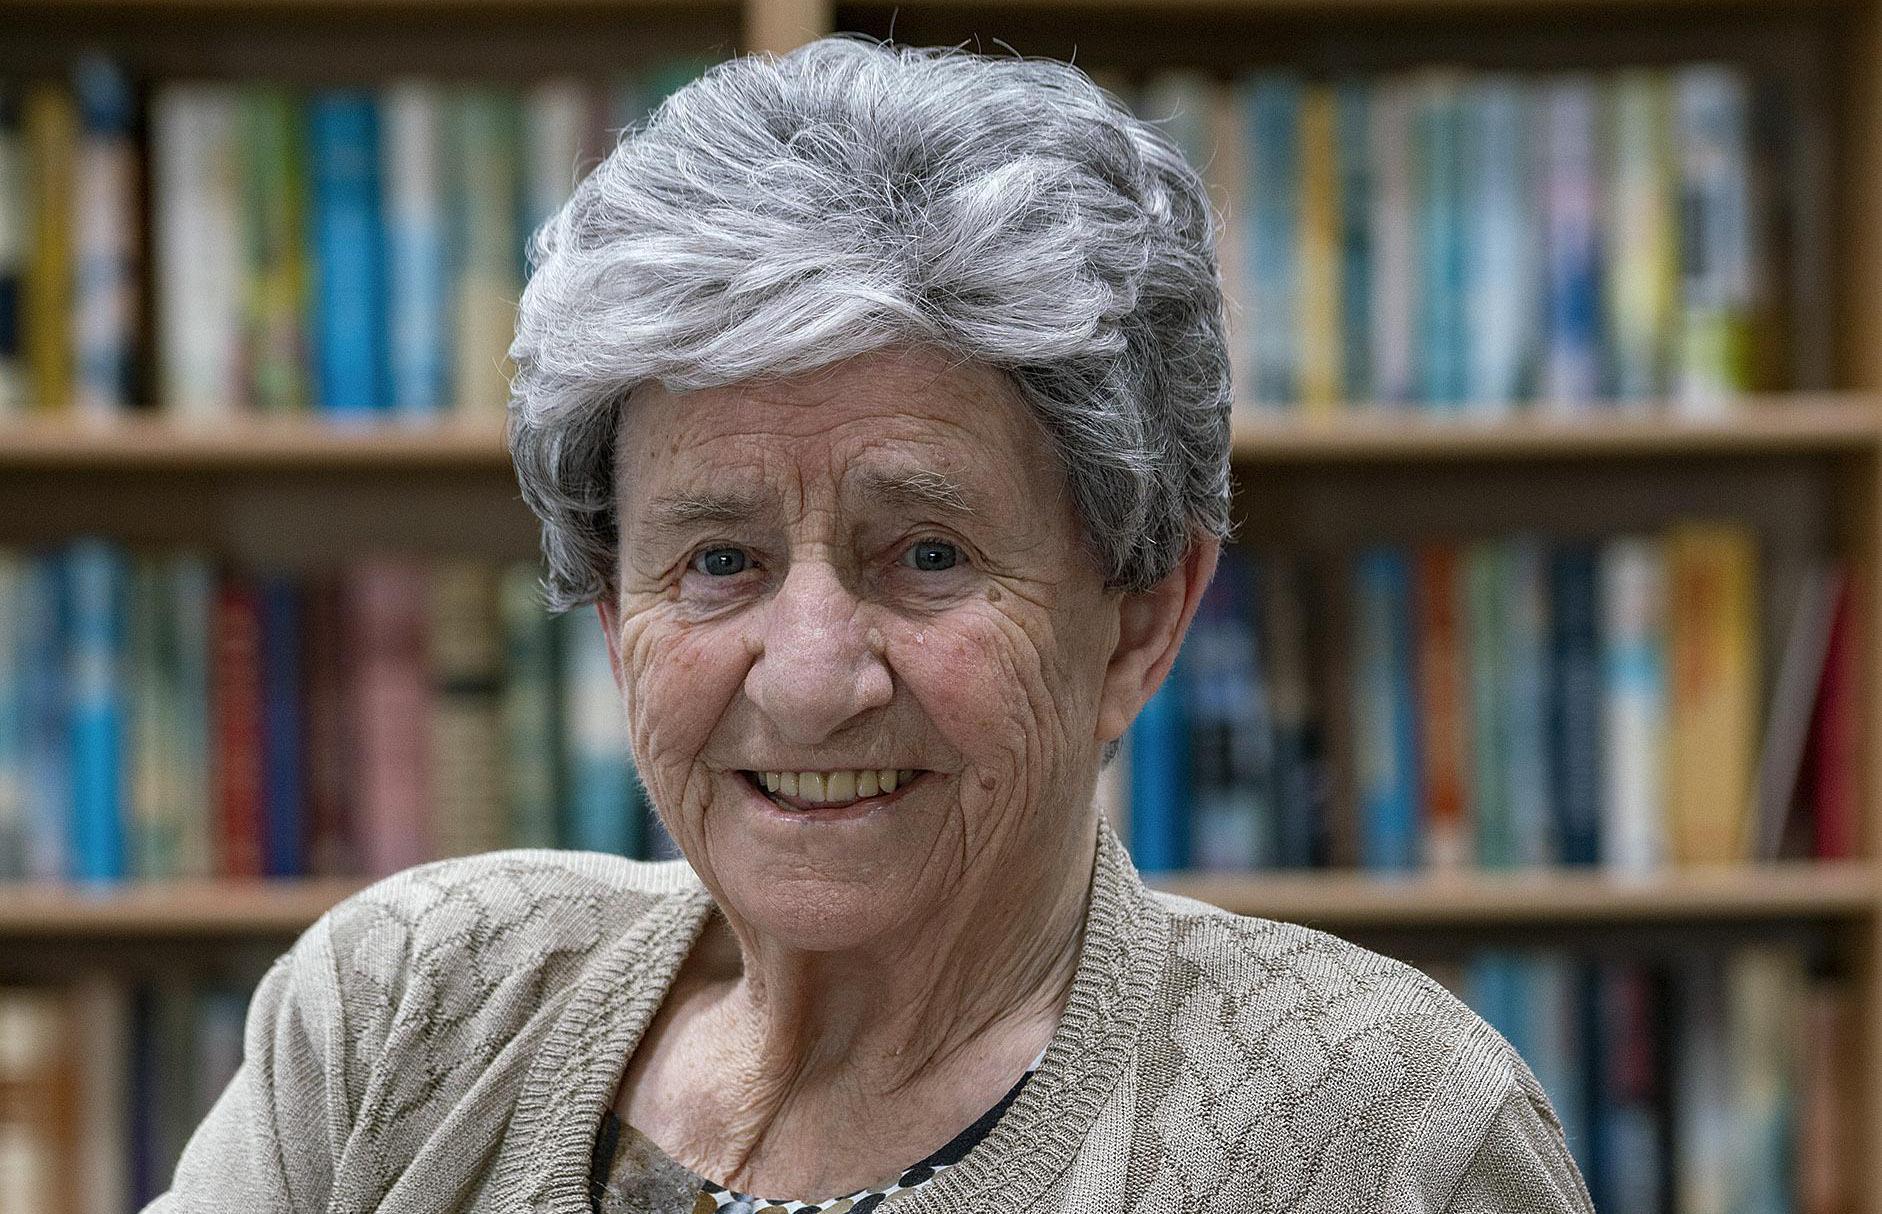 Roos Abbink (88) werd uitgebuit in 'liefdesgesticht': 'Ik was een gevangene, een slaaf van de nonnen. Zelfs mijn naam werd me afgenomen'